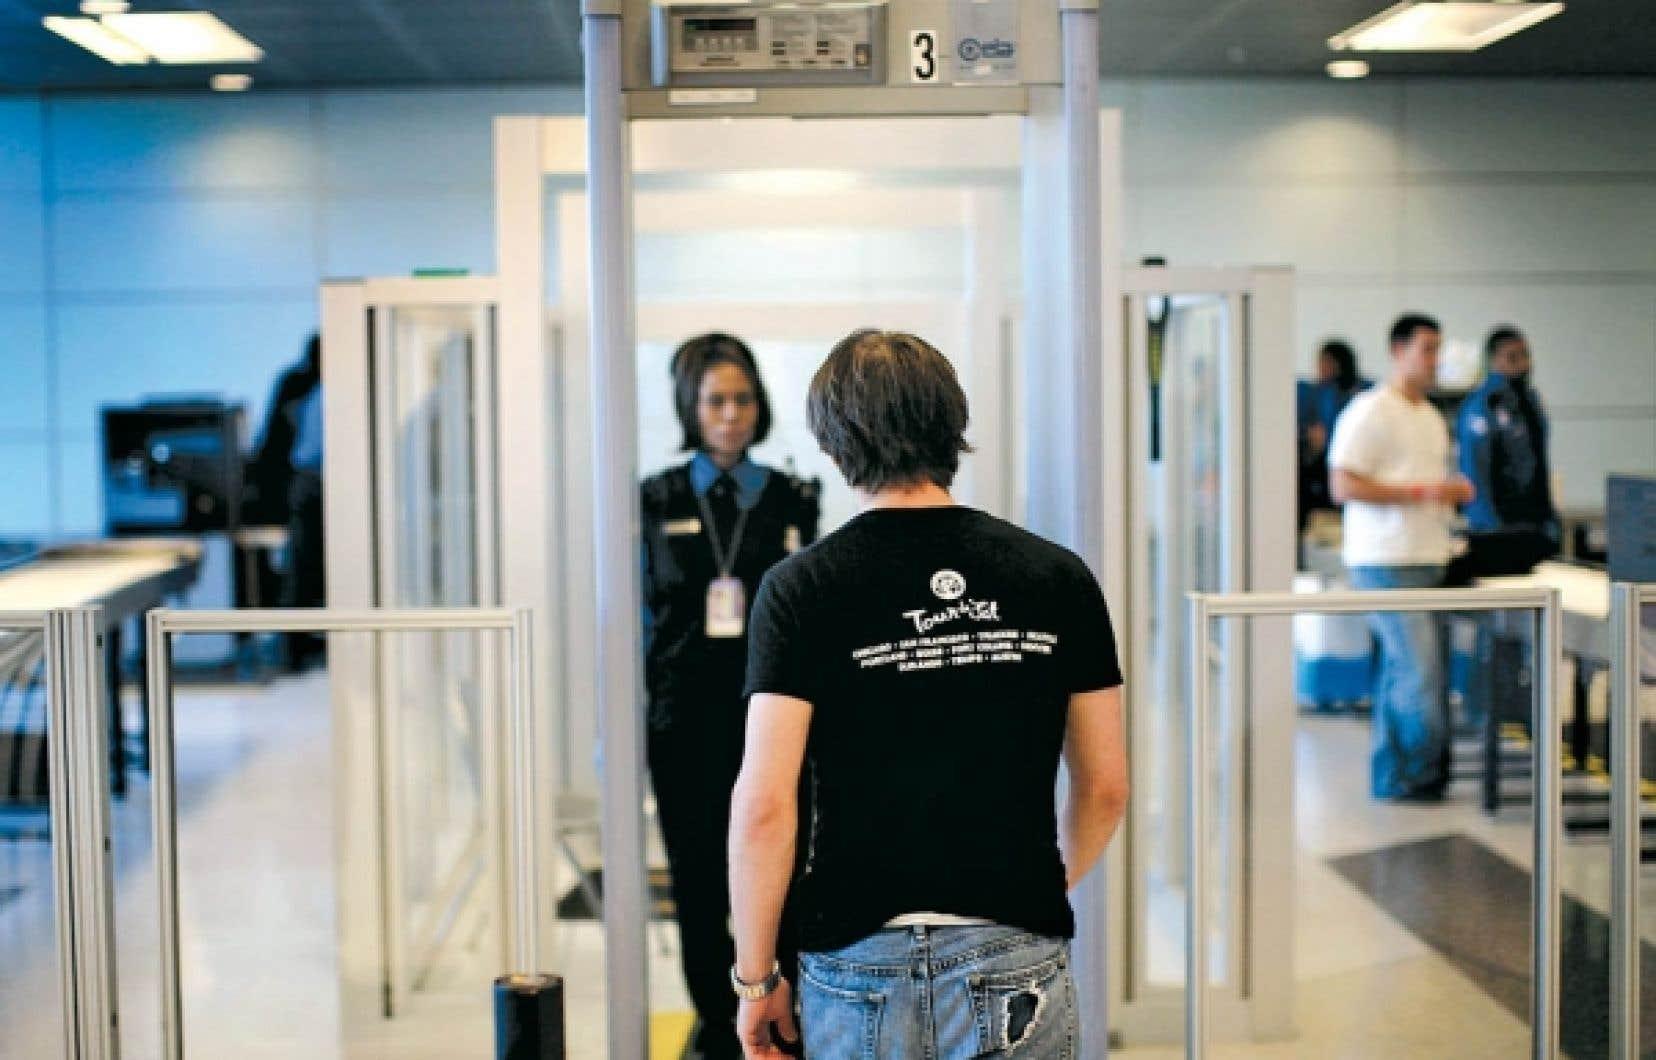 Dans les aéroports canadiens, les voyageurs qui déclencheront l'alarme des détecteurs de métal dans les aéroports devront être examinés par un agent de contrôle du même sexe.